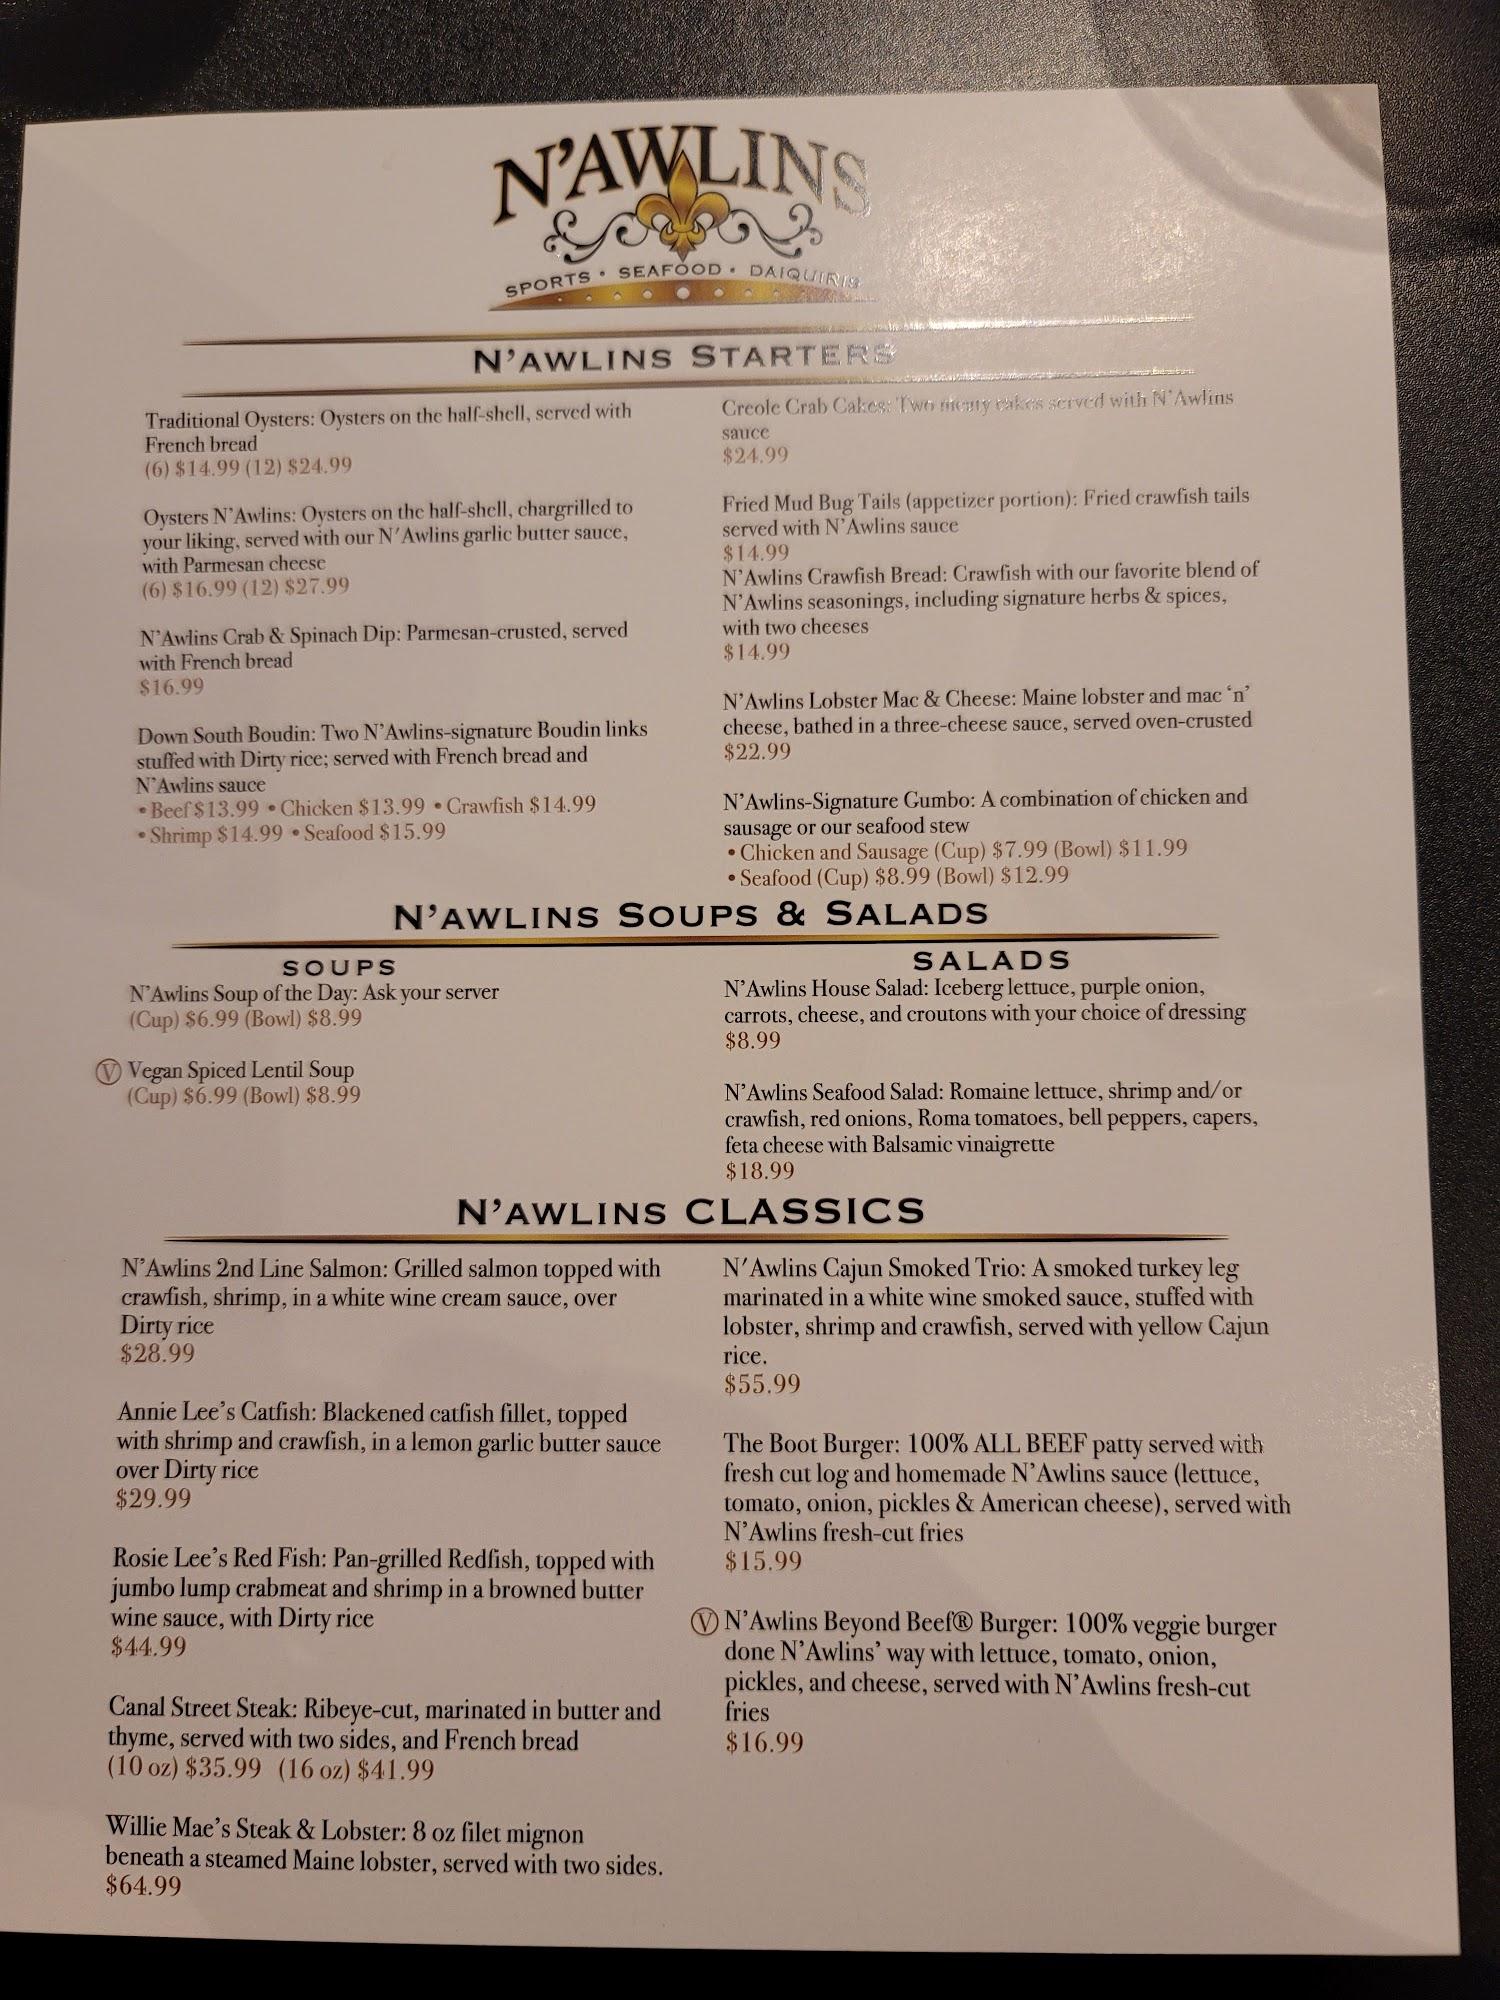 N'awlins Seafood Sports Bar 1400 Hi Line Dr Ste 116, Dallas